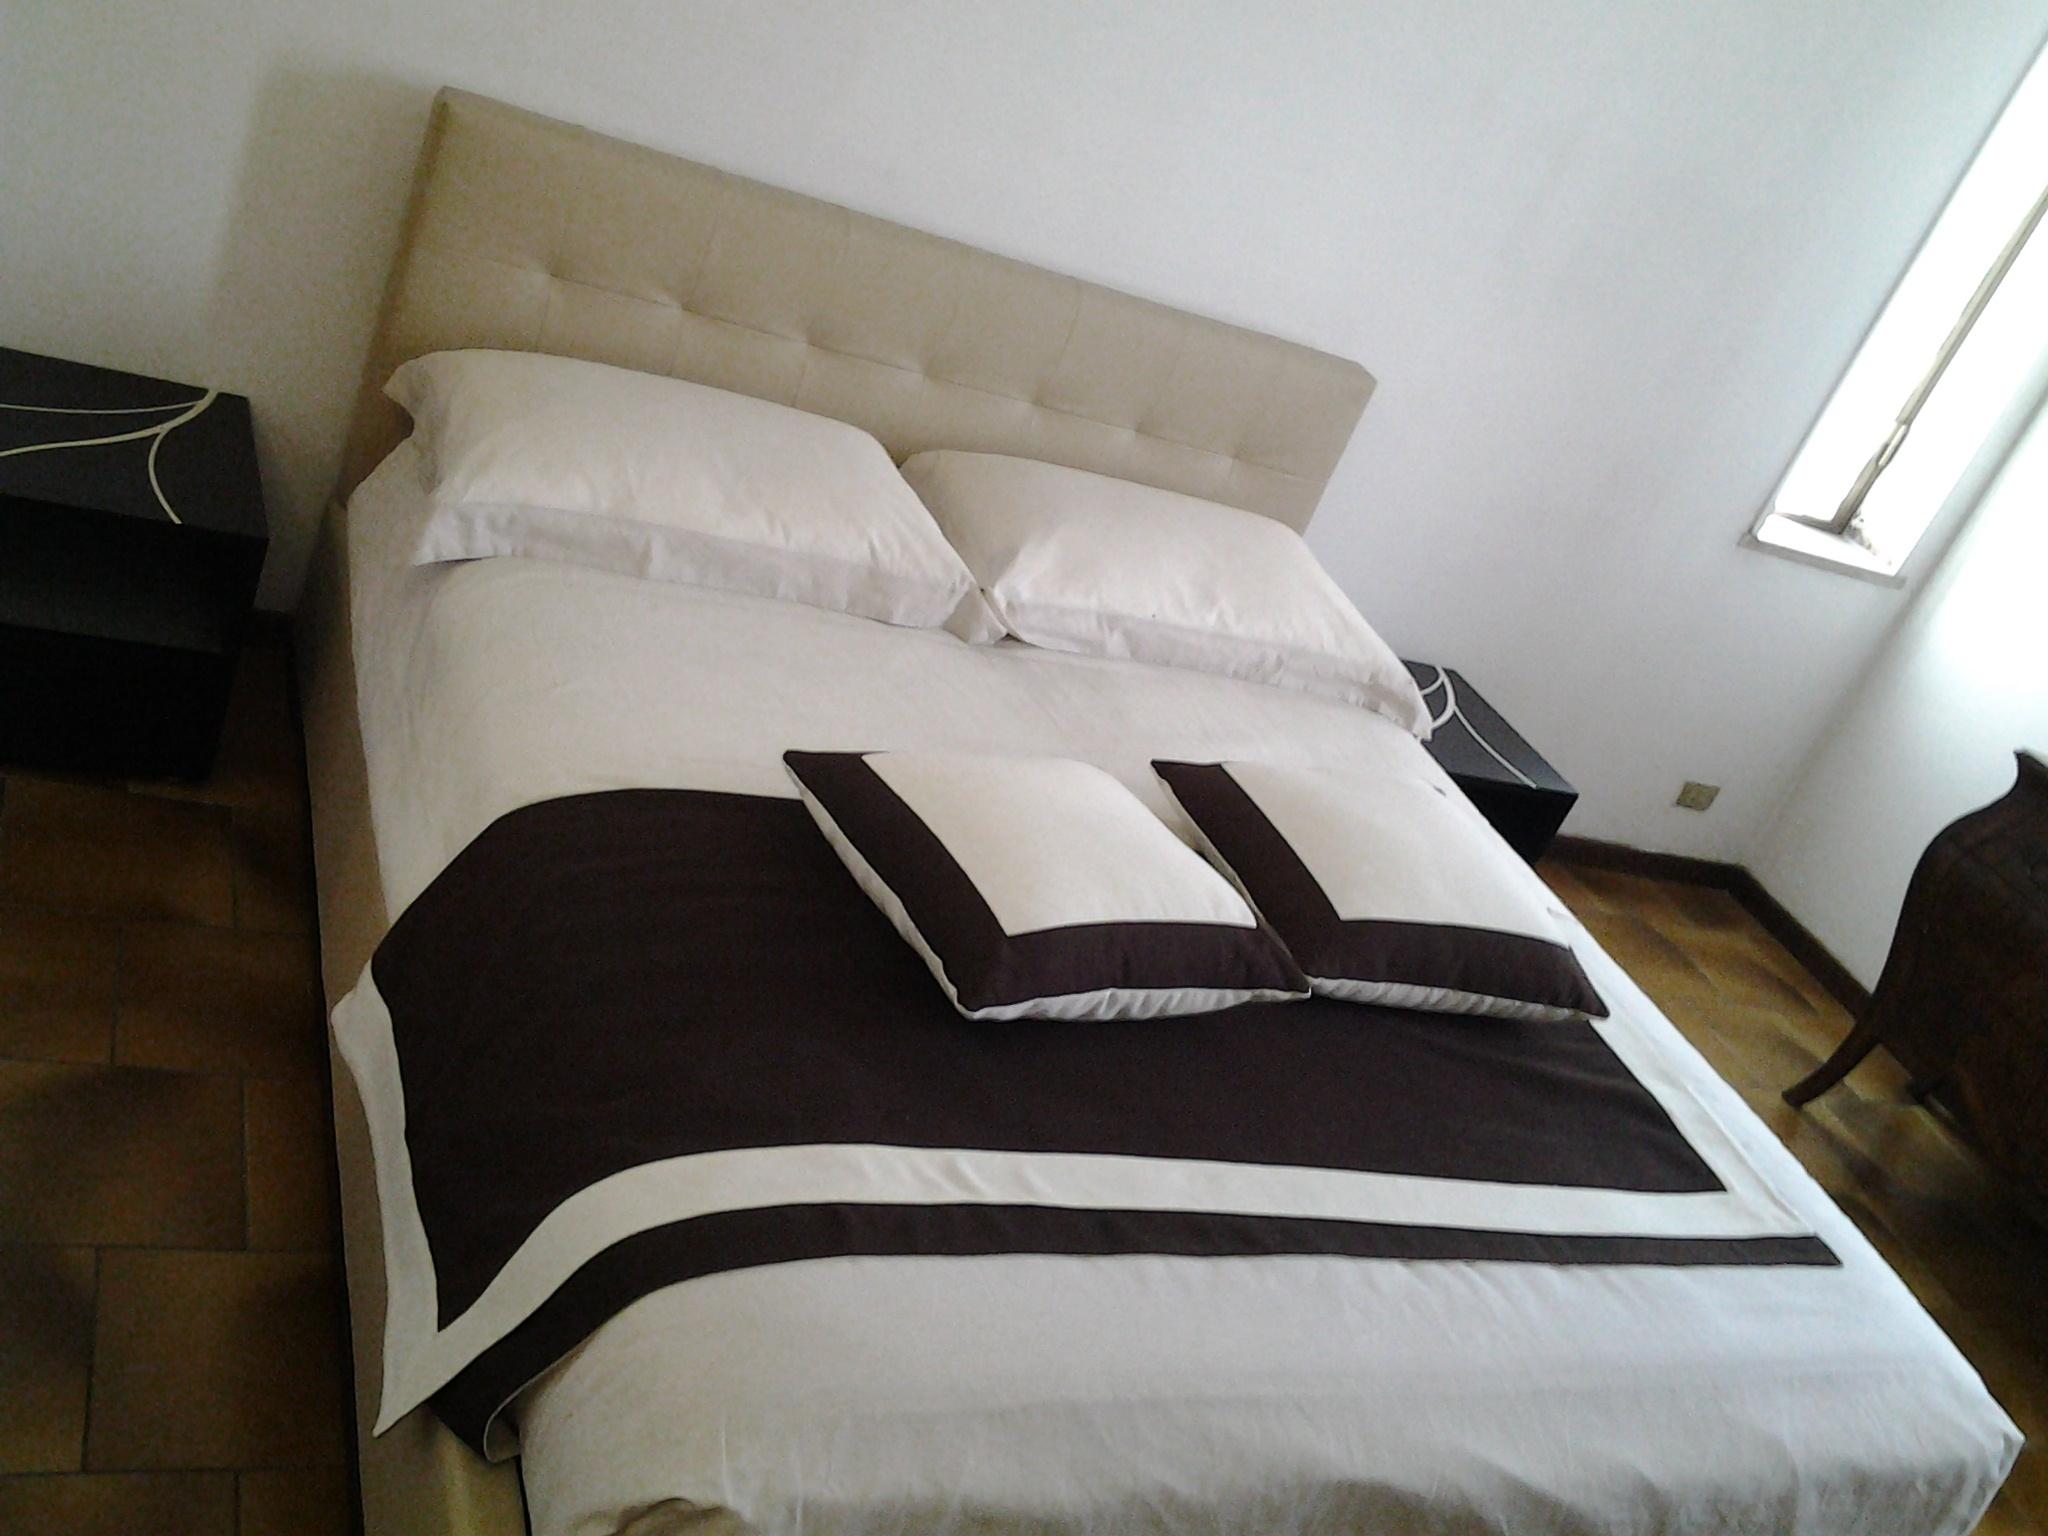 Presotto italia letto letto dado matrimoniale moderno for Presotto mobili prezzi